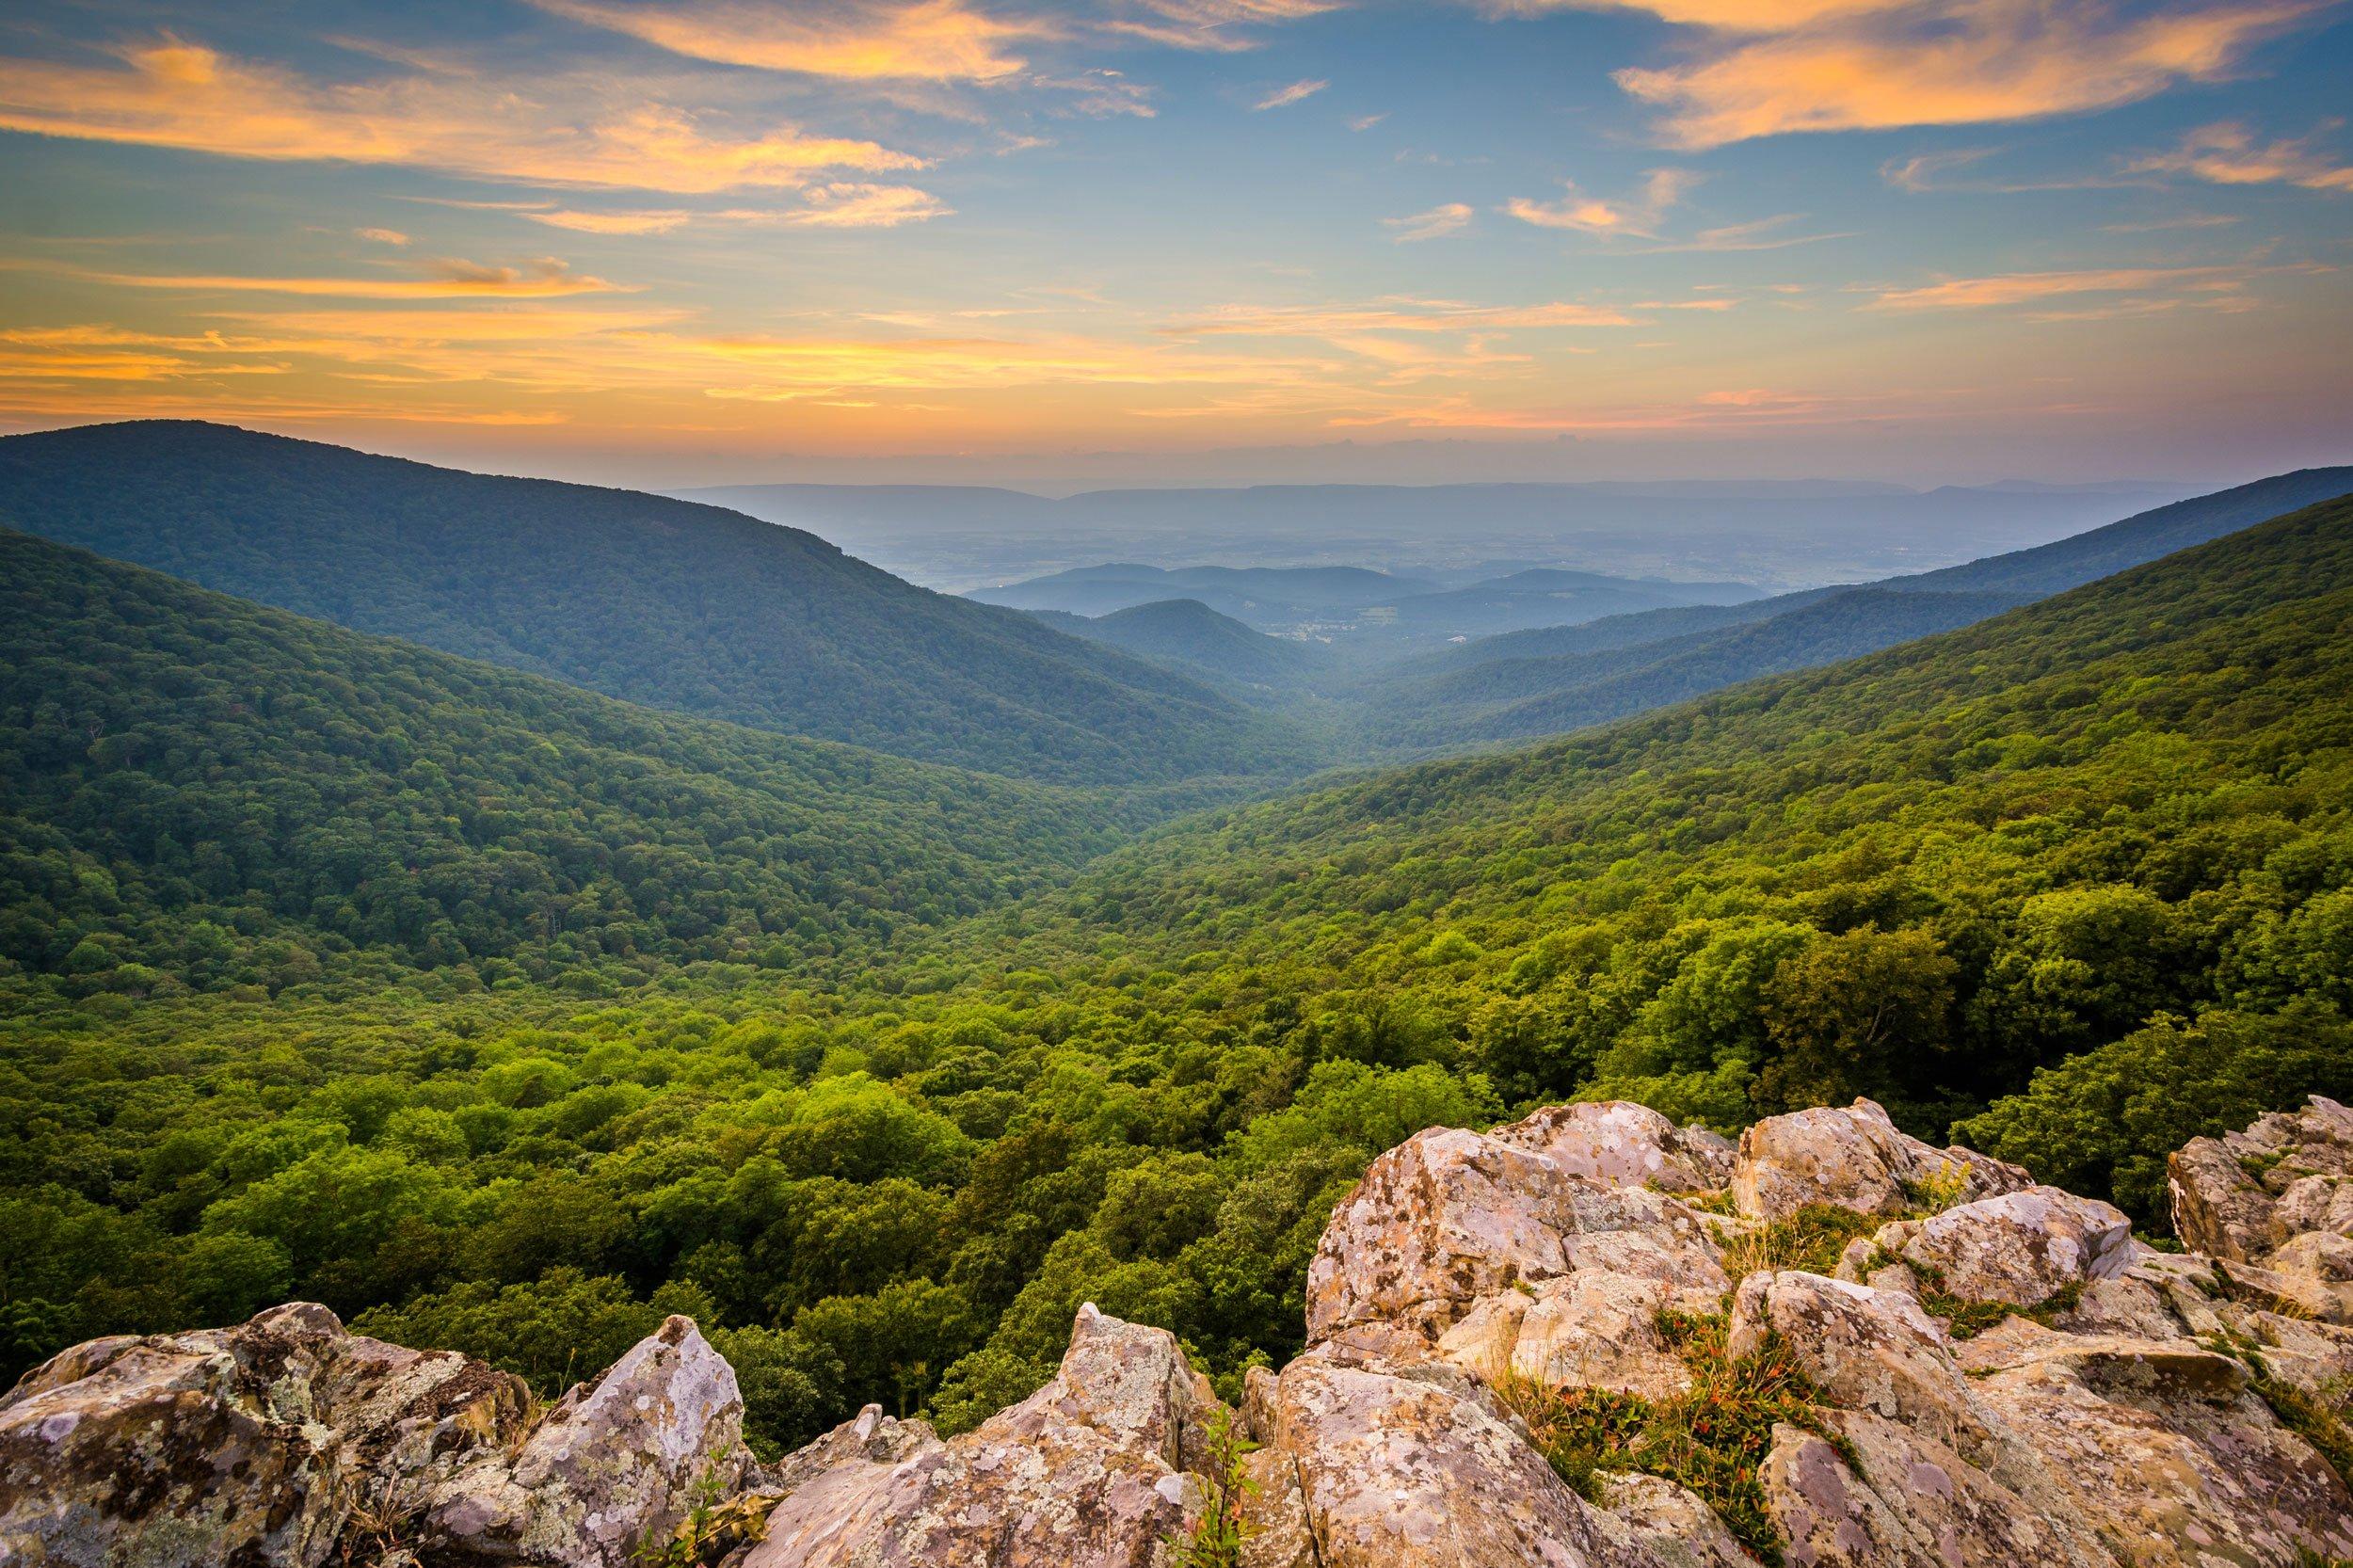 Shenandoah National Park | Best Time to Visit Virginia